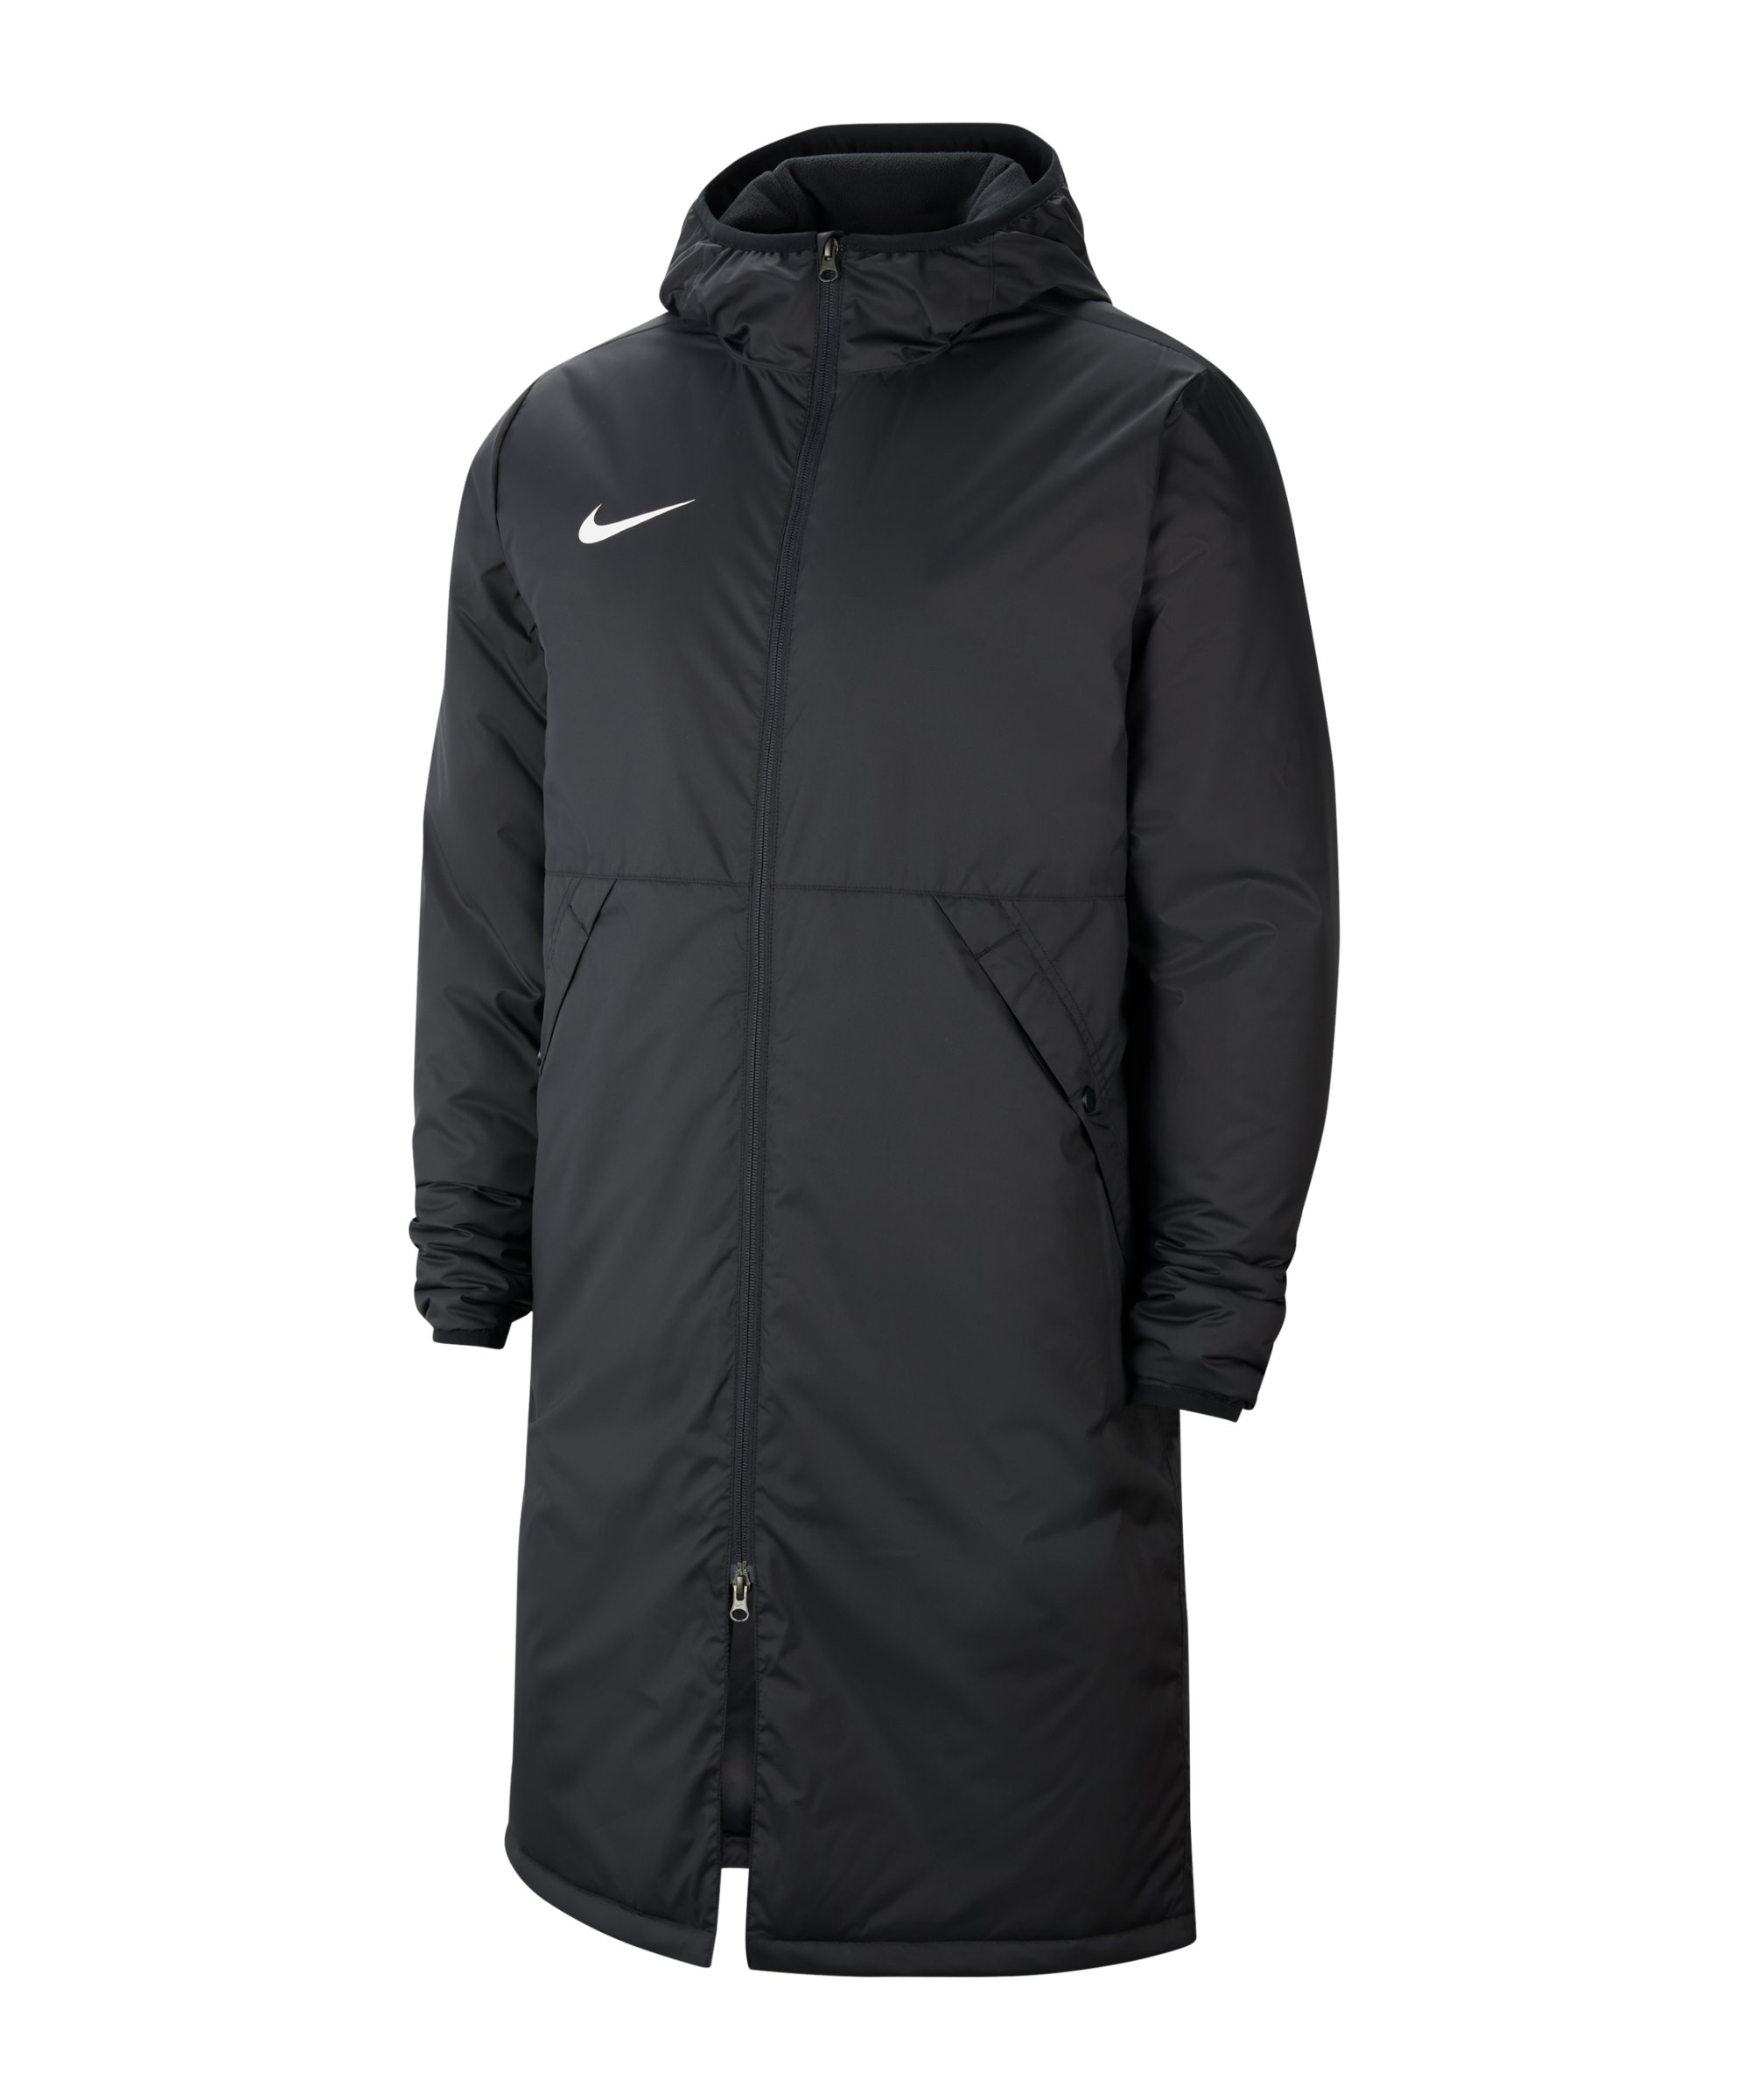 Nike Park 20 Winterjacke Schwarz F010 - schwarz